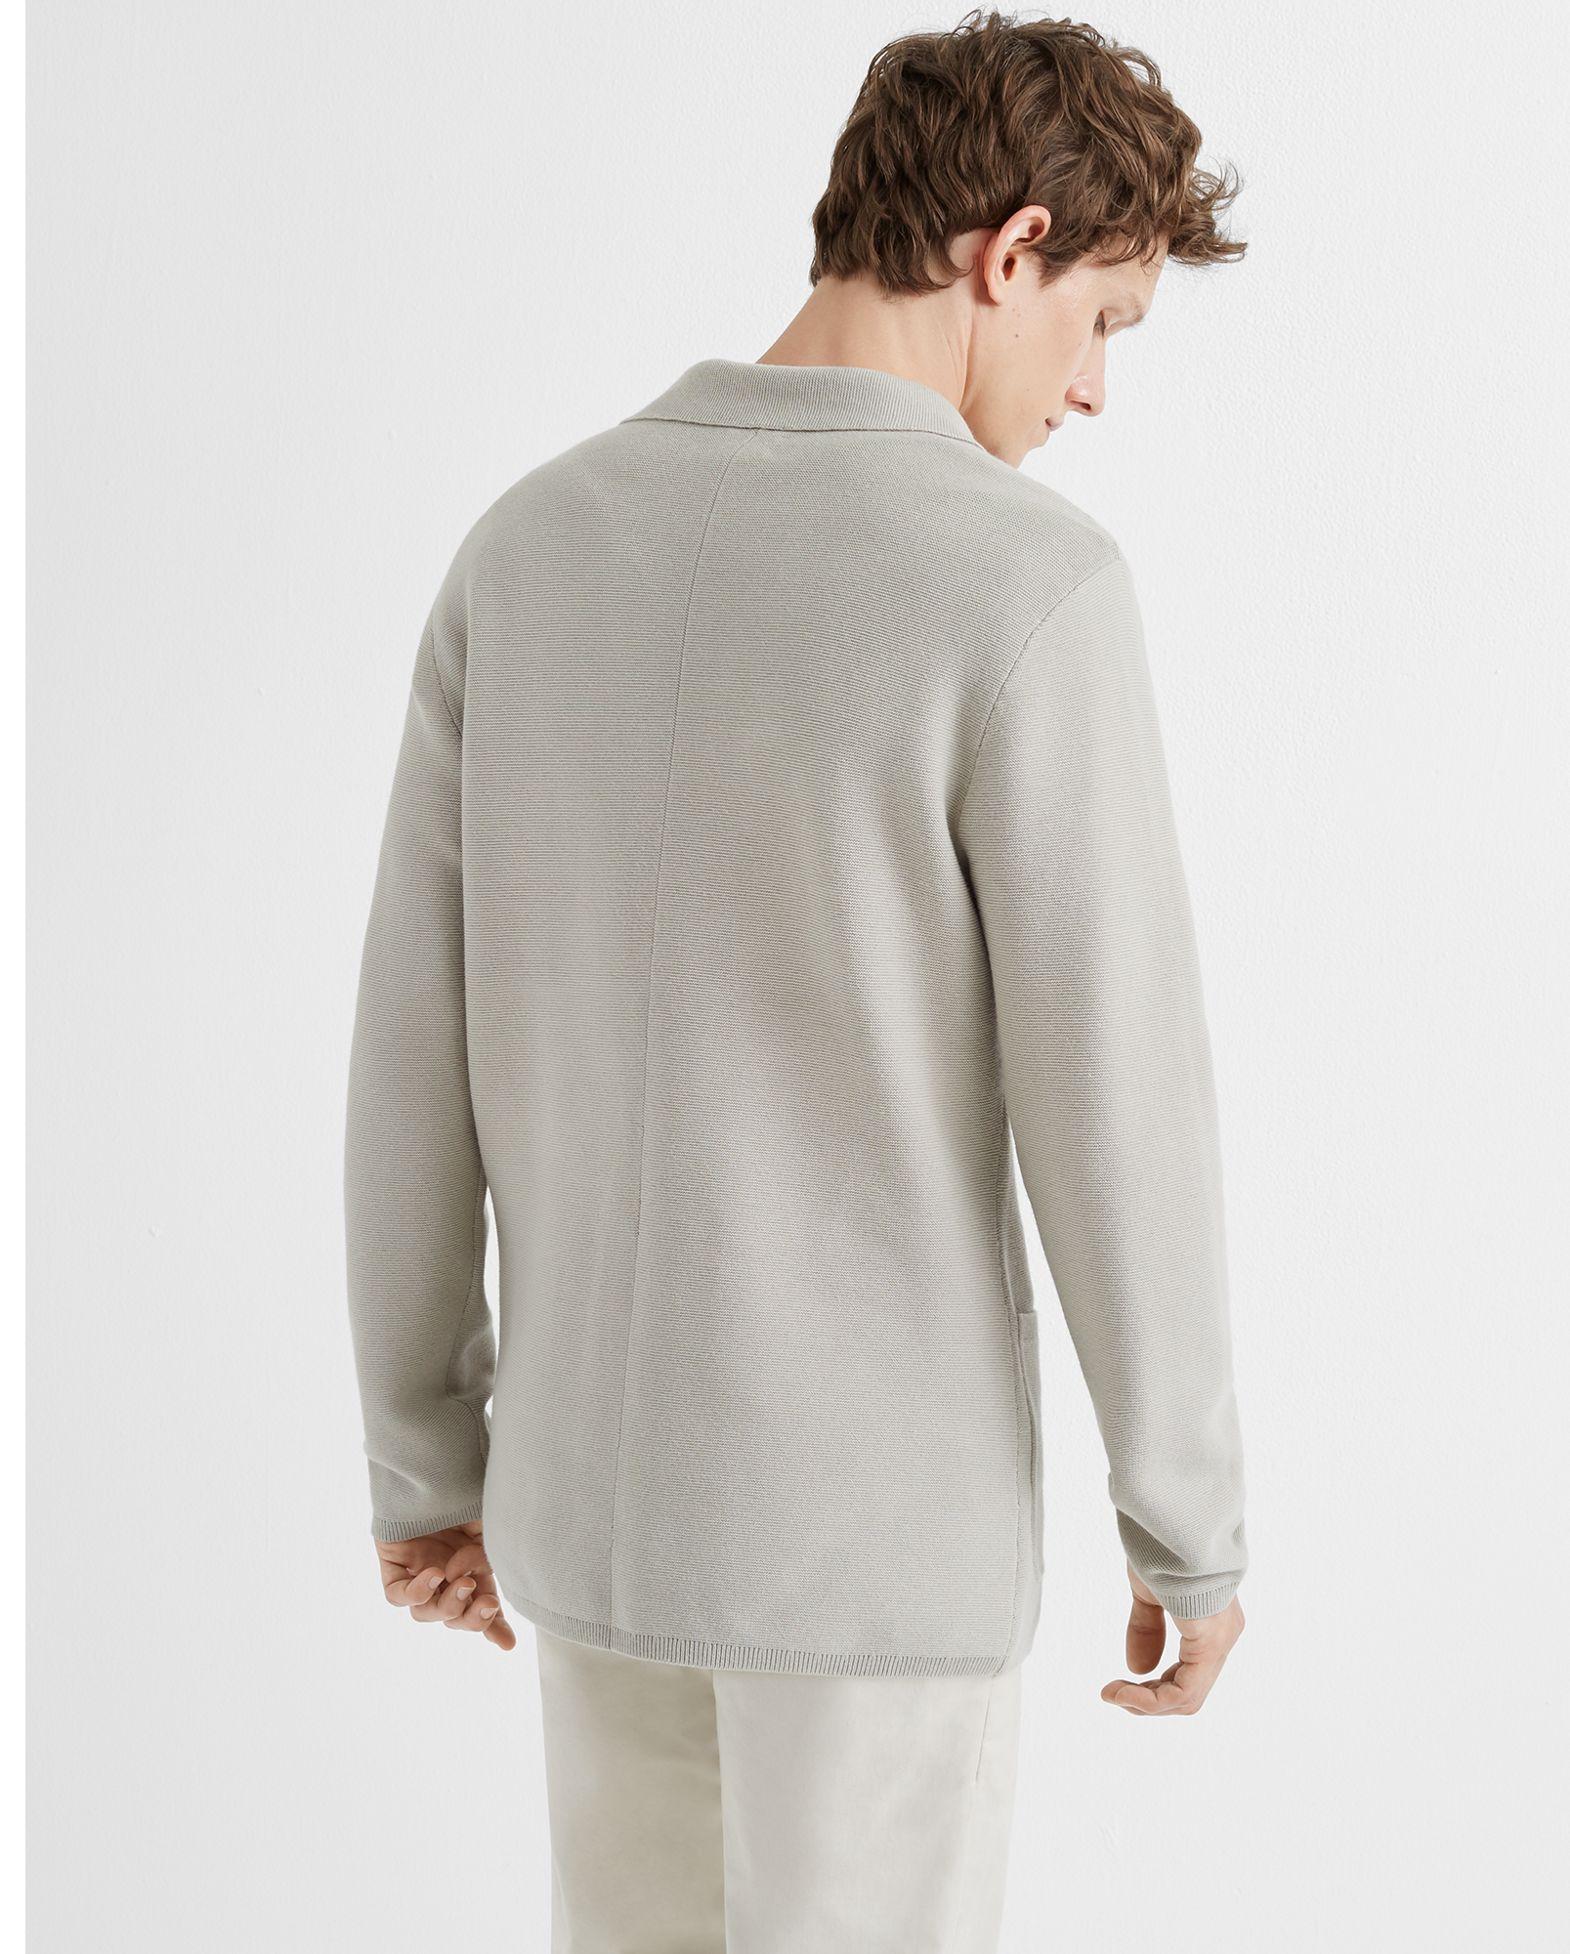 Sweater Blazer